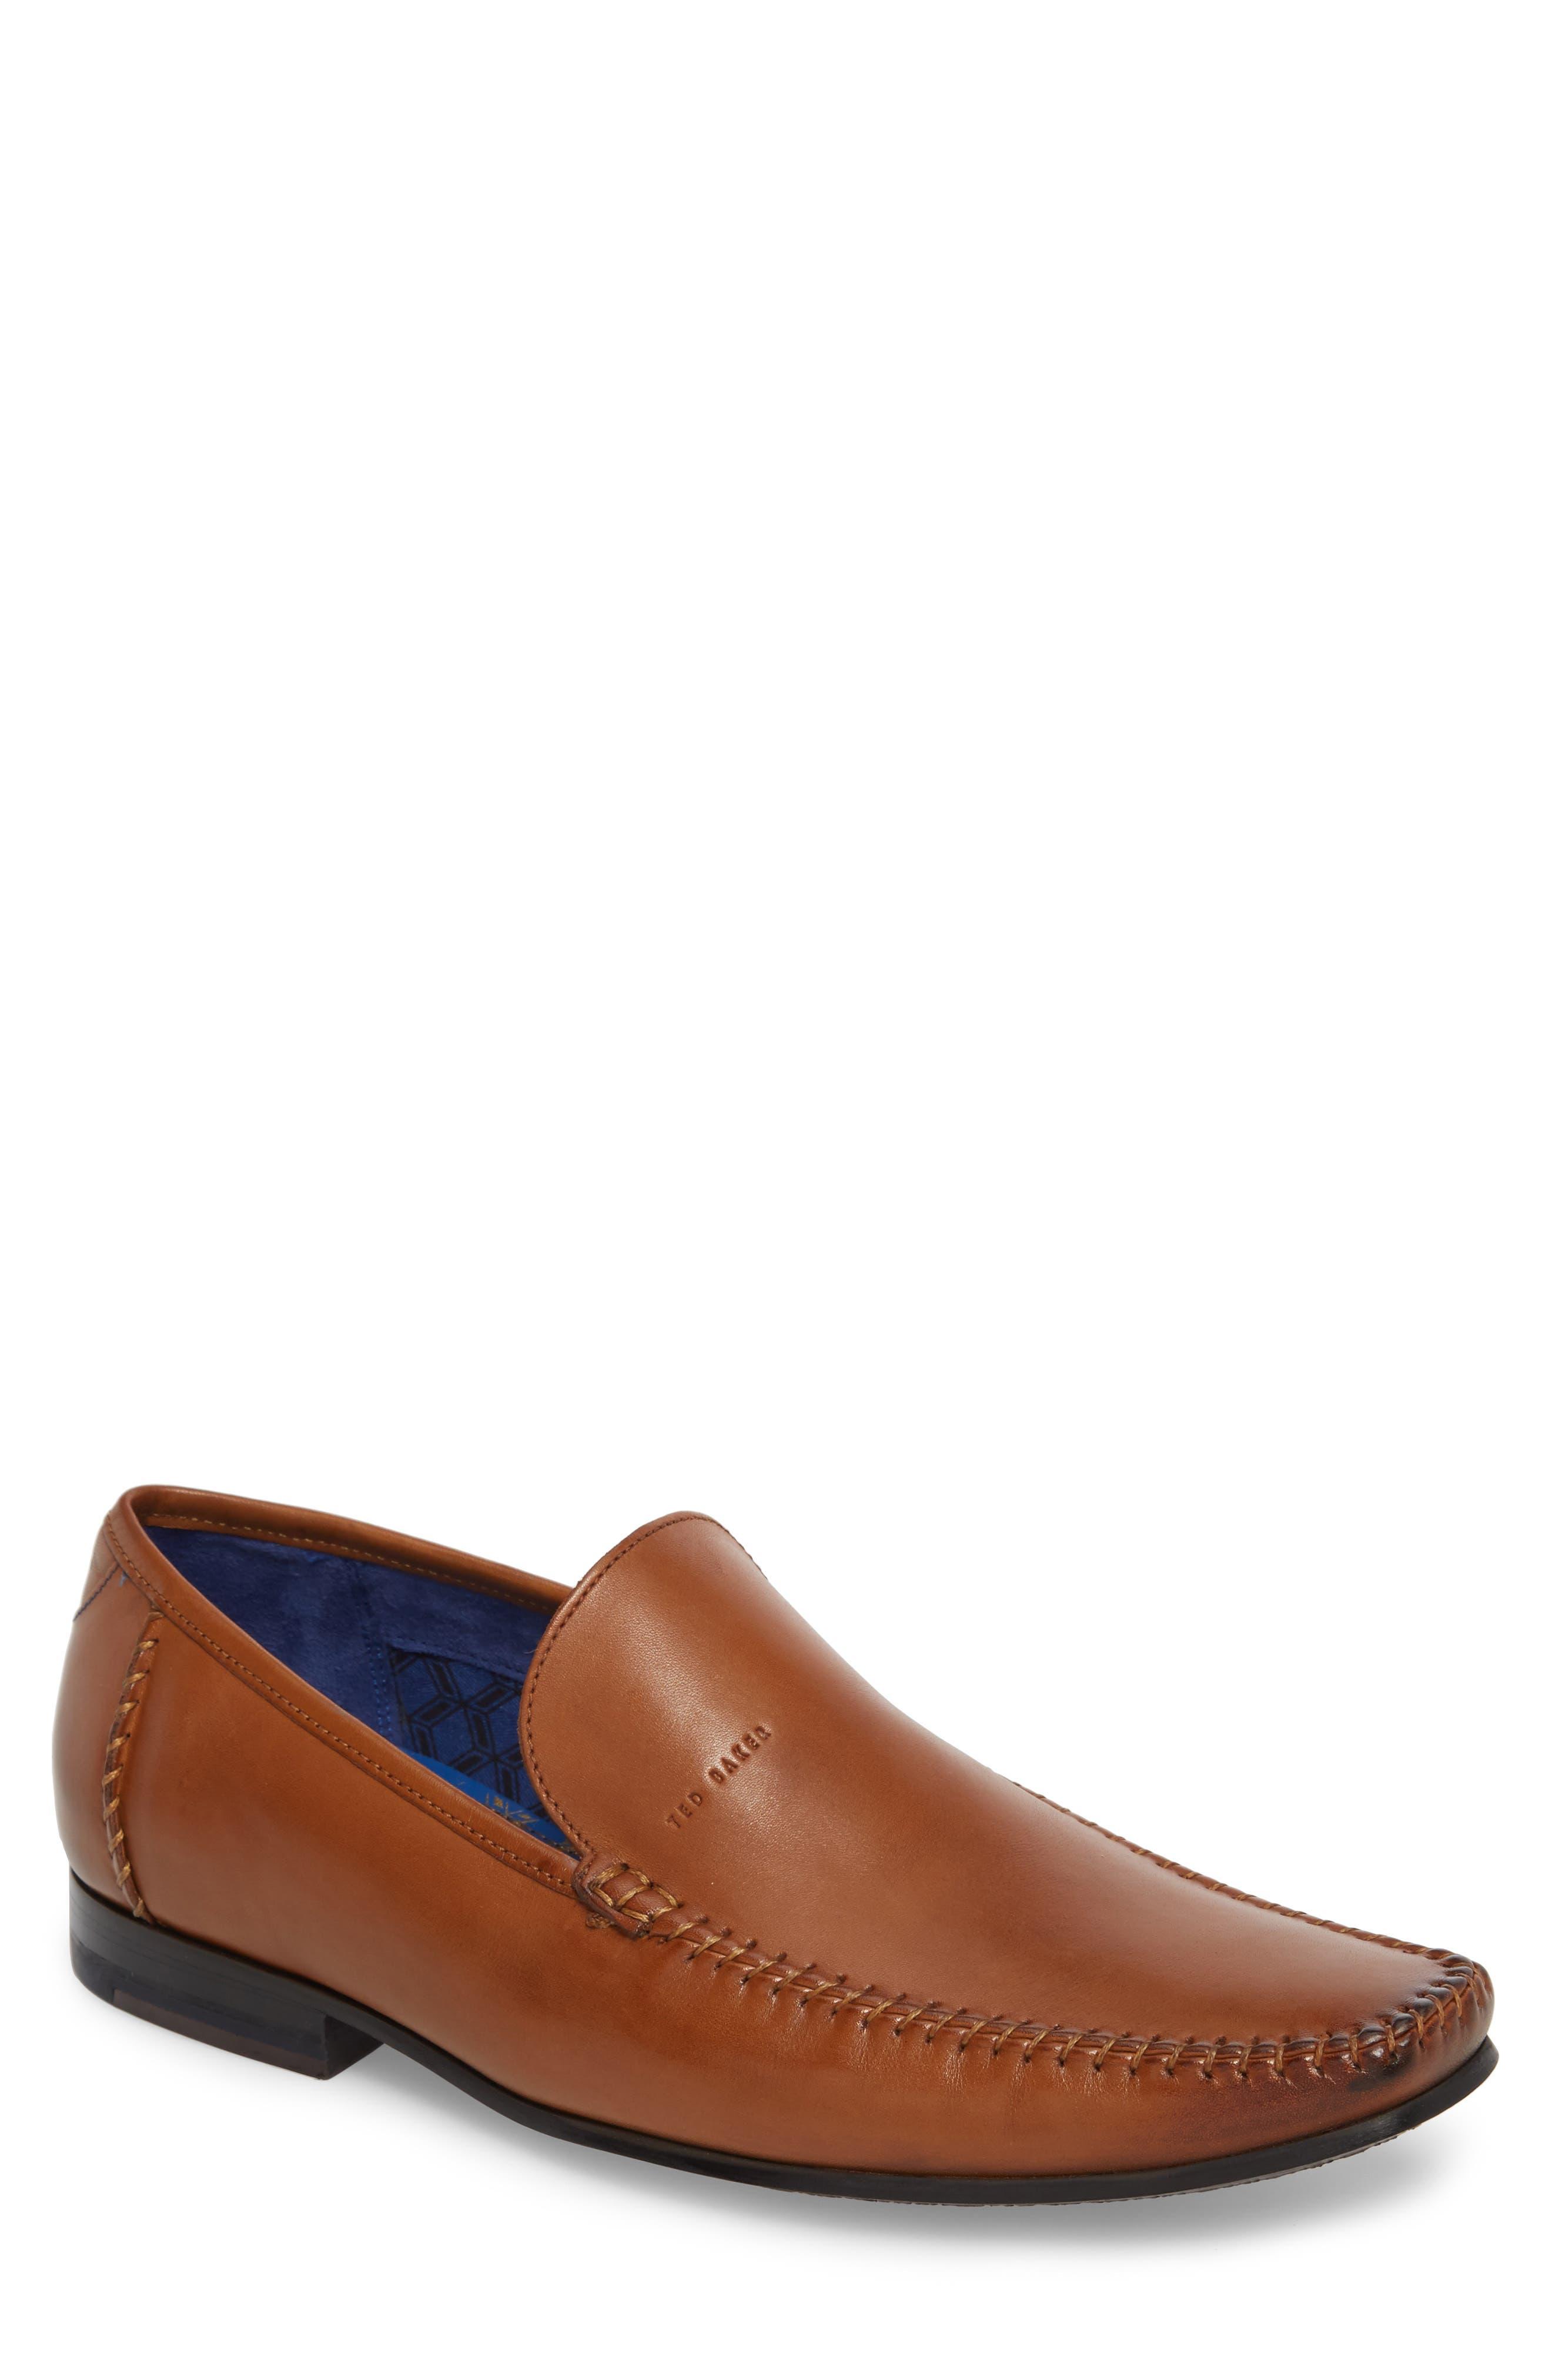 Ted Baker London Bly 9 Venetian Loafer (Men)